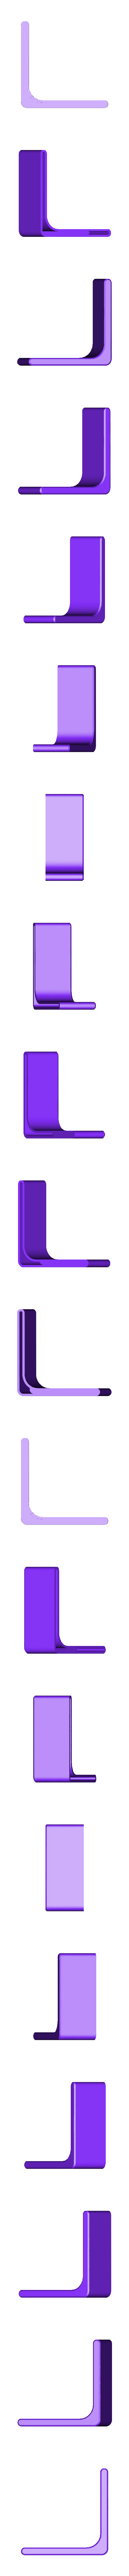 1pt25inMetalShelfAngleBoot.stl Télécharger fichier STL gratuit Capuchon de sécurité pour étagères d'angle 1,25 • Design pour imprimante 3D, ThinkSolutions